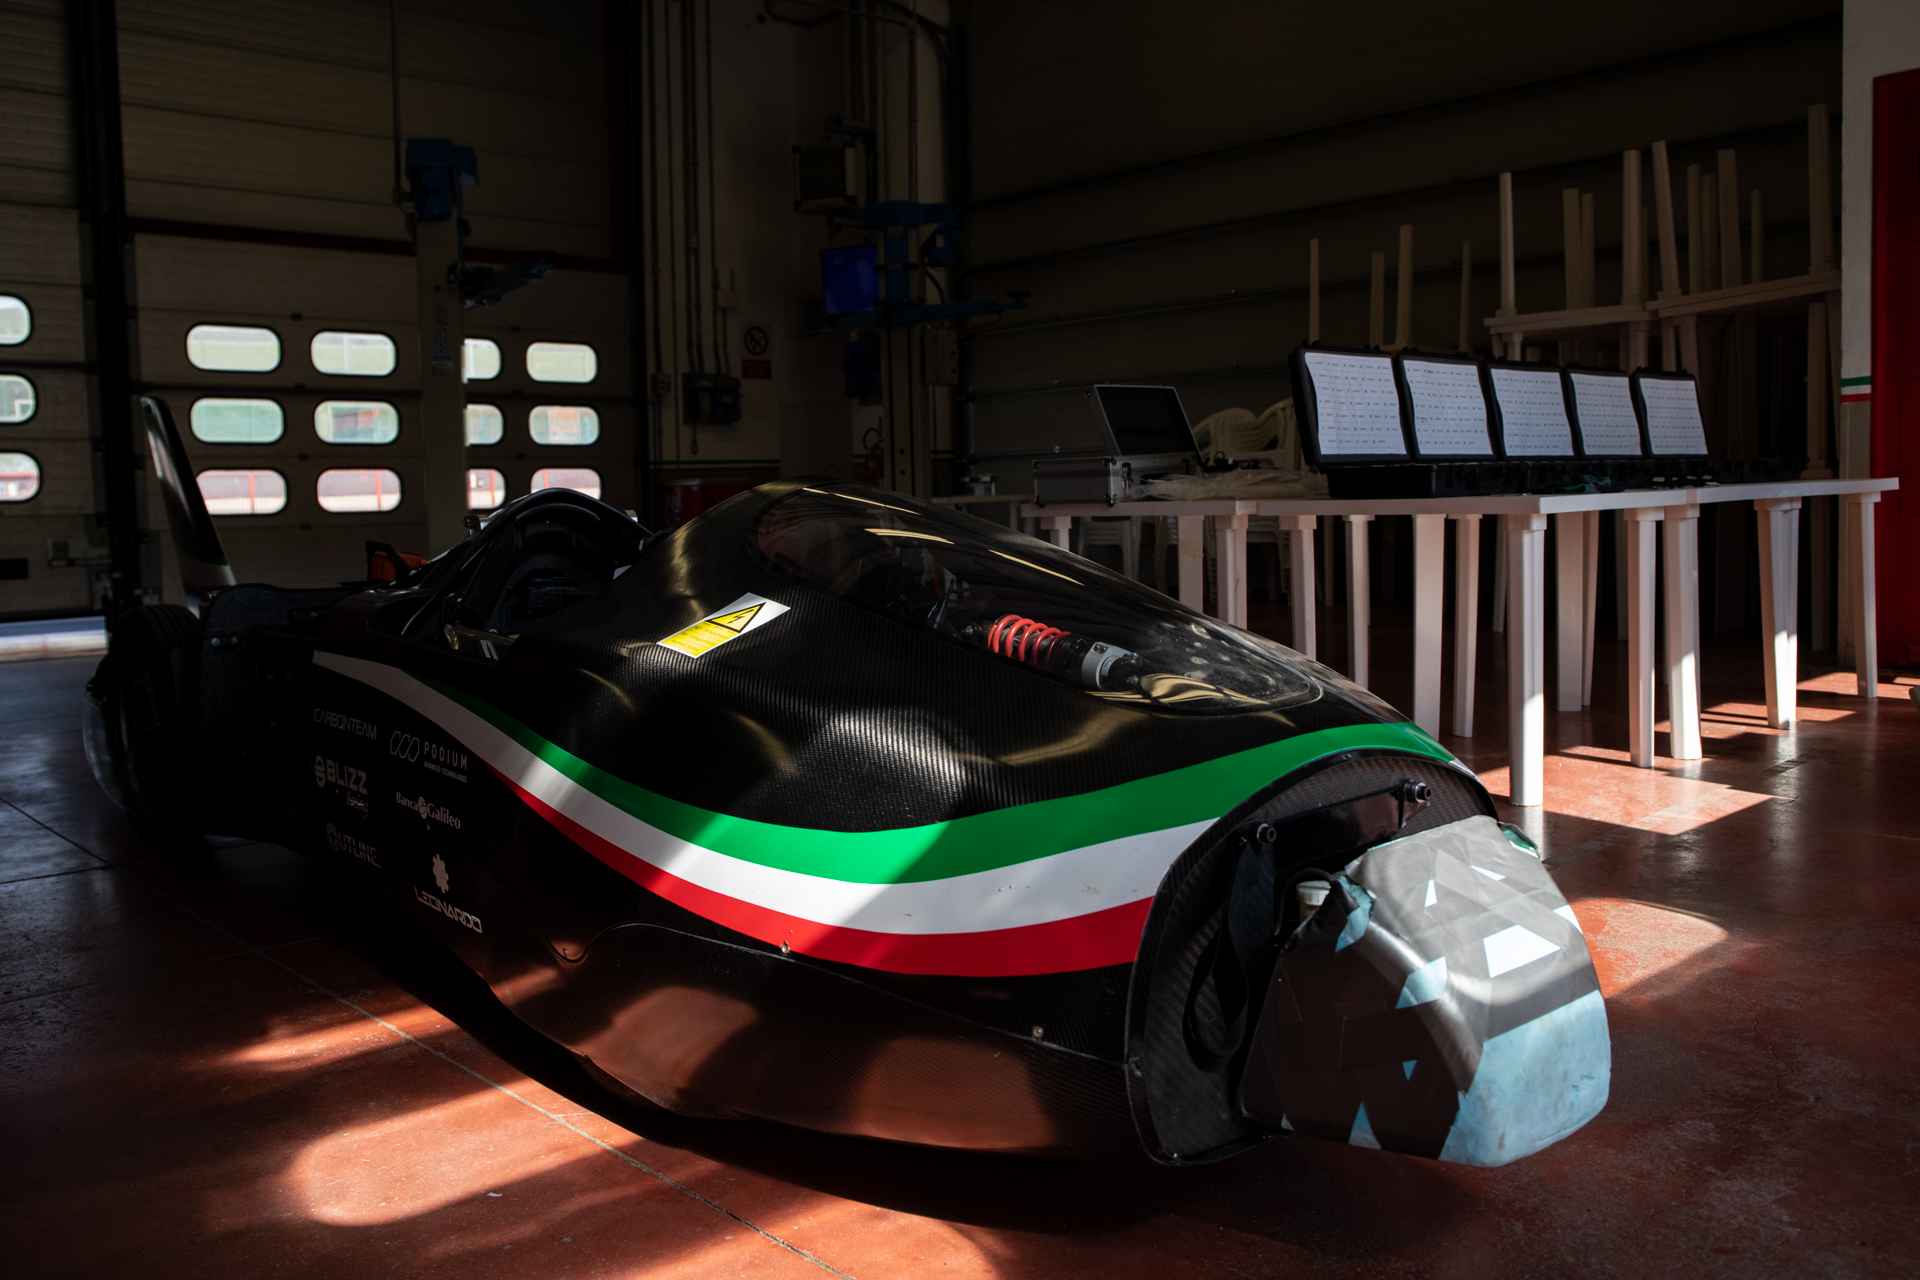 Blizz Primatist - prototipo elettrico per record di velocità. https://www.facebook.com/BlizzPrimatist